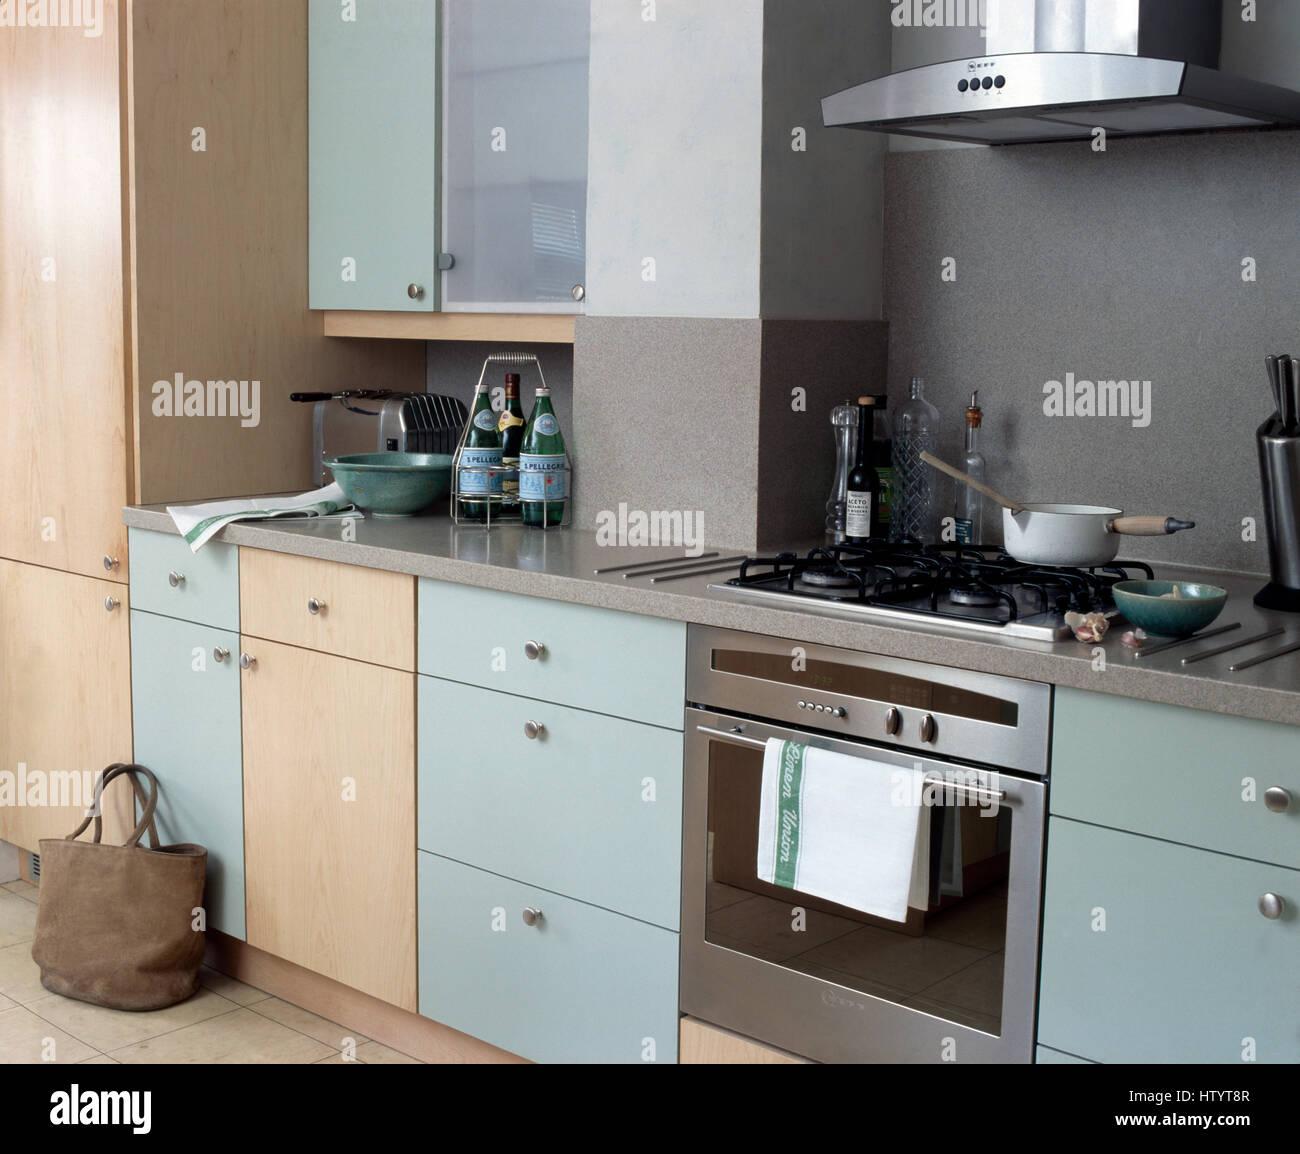 Cuisine couleur bois clair quelle couleur de peinture pour une cuisine en bois clair relooking - Cuisine couleur grise ...